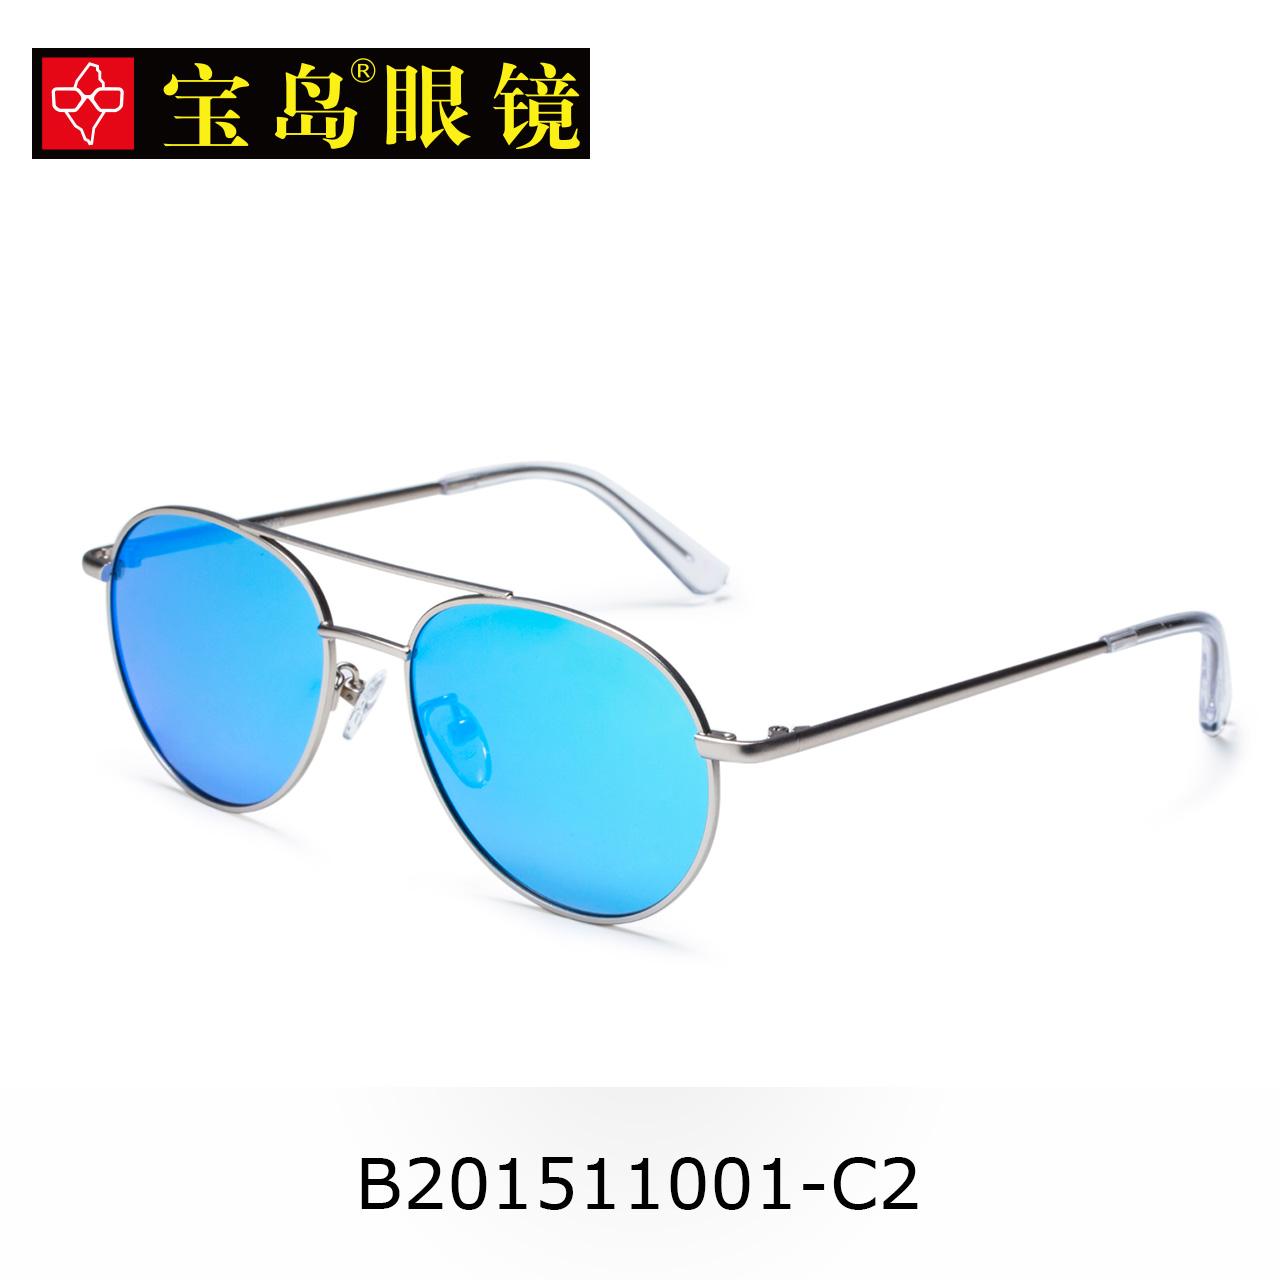 宝岛眼镜旗下 eyeplay 男女潮流偏光太阳镜 图12